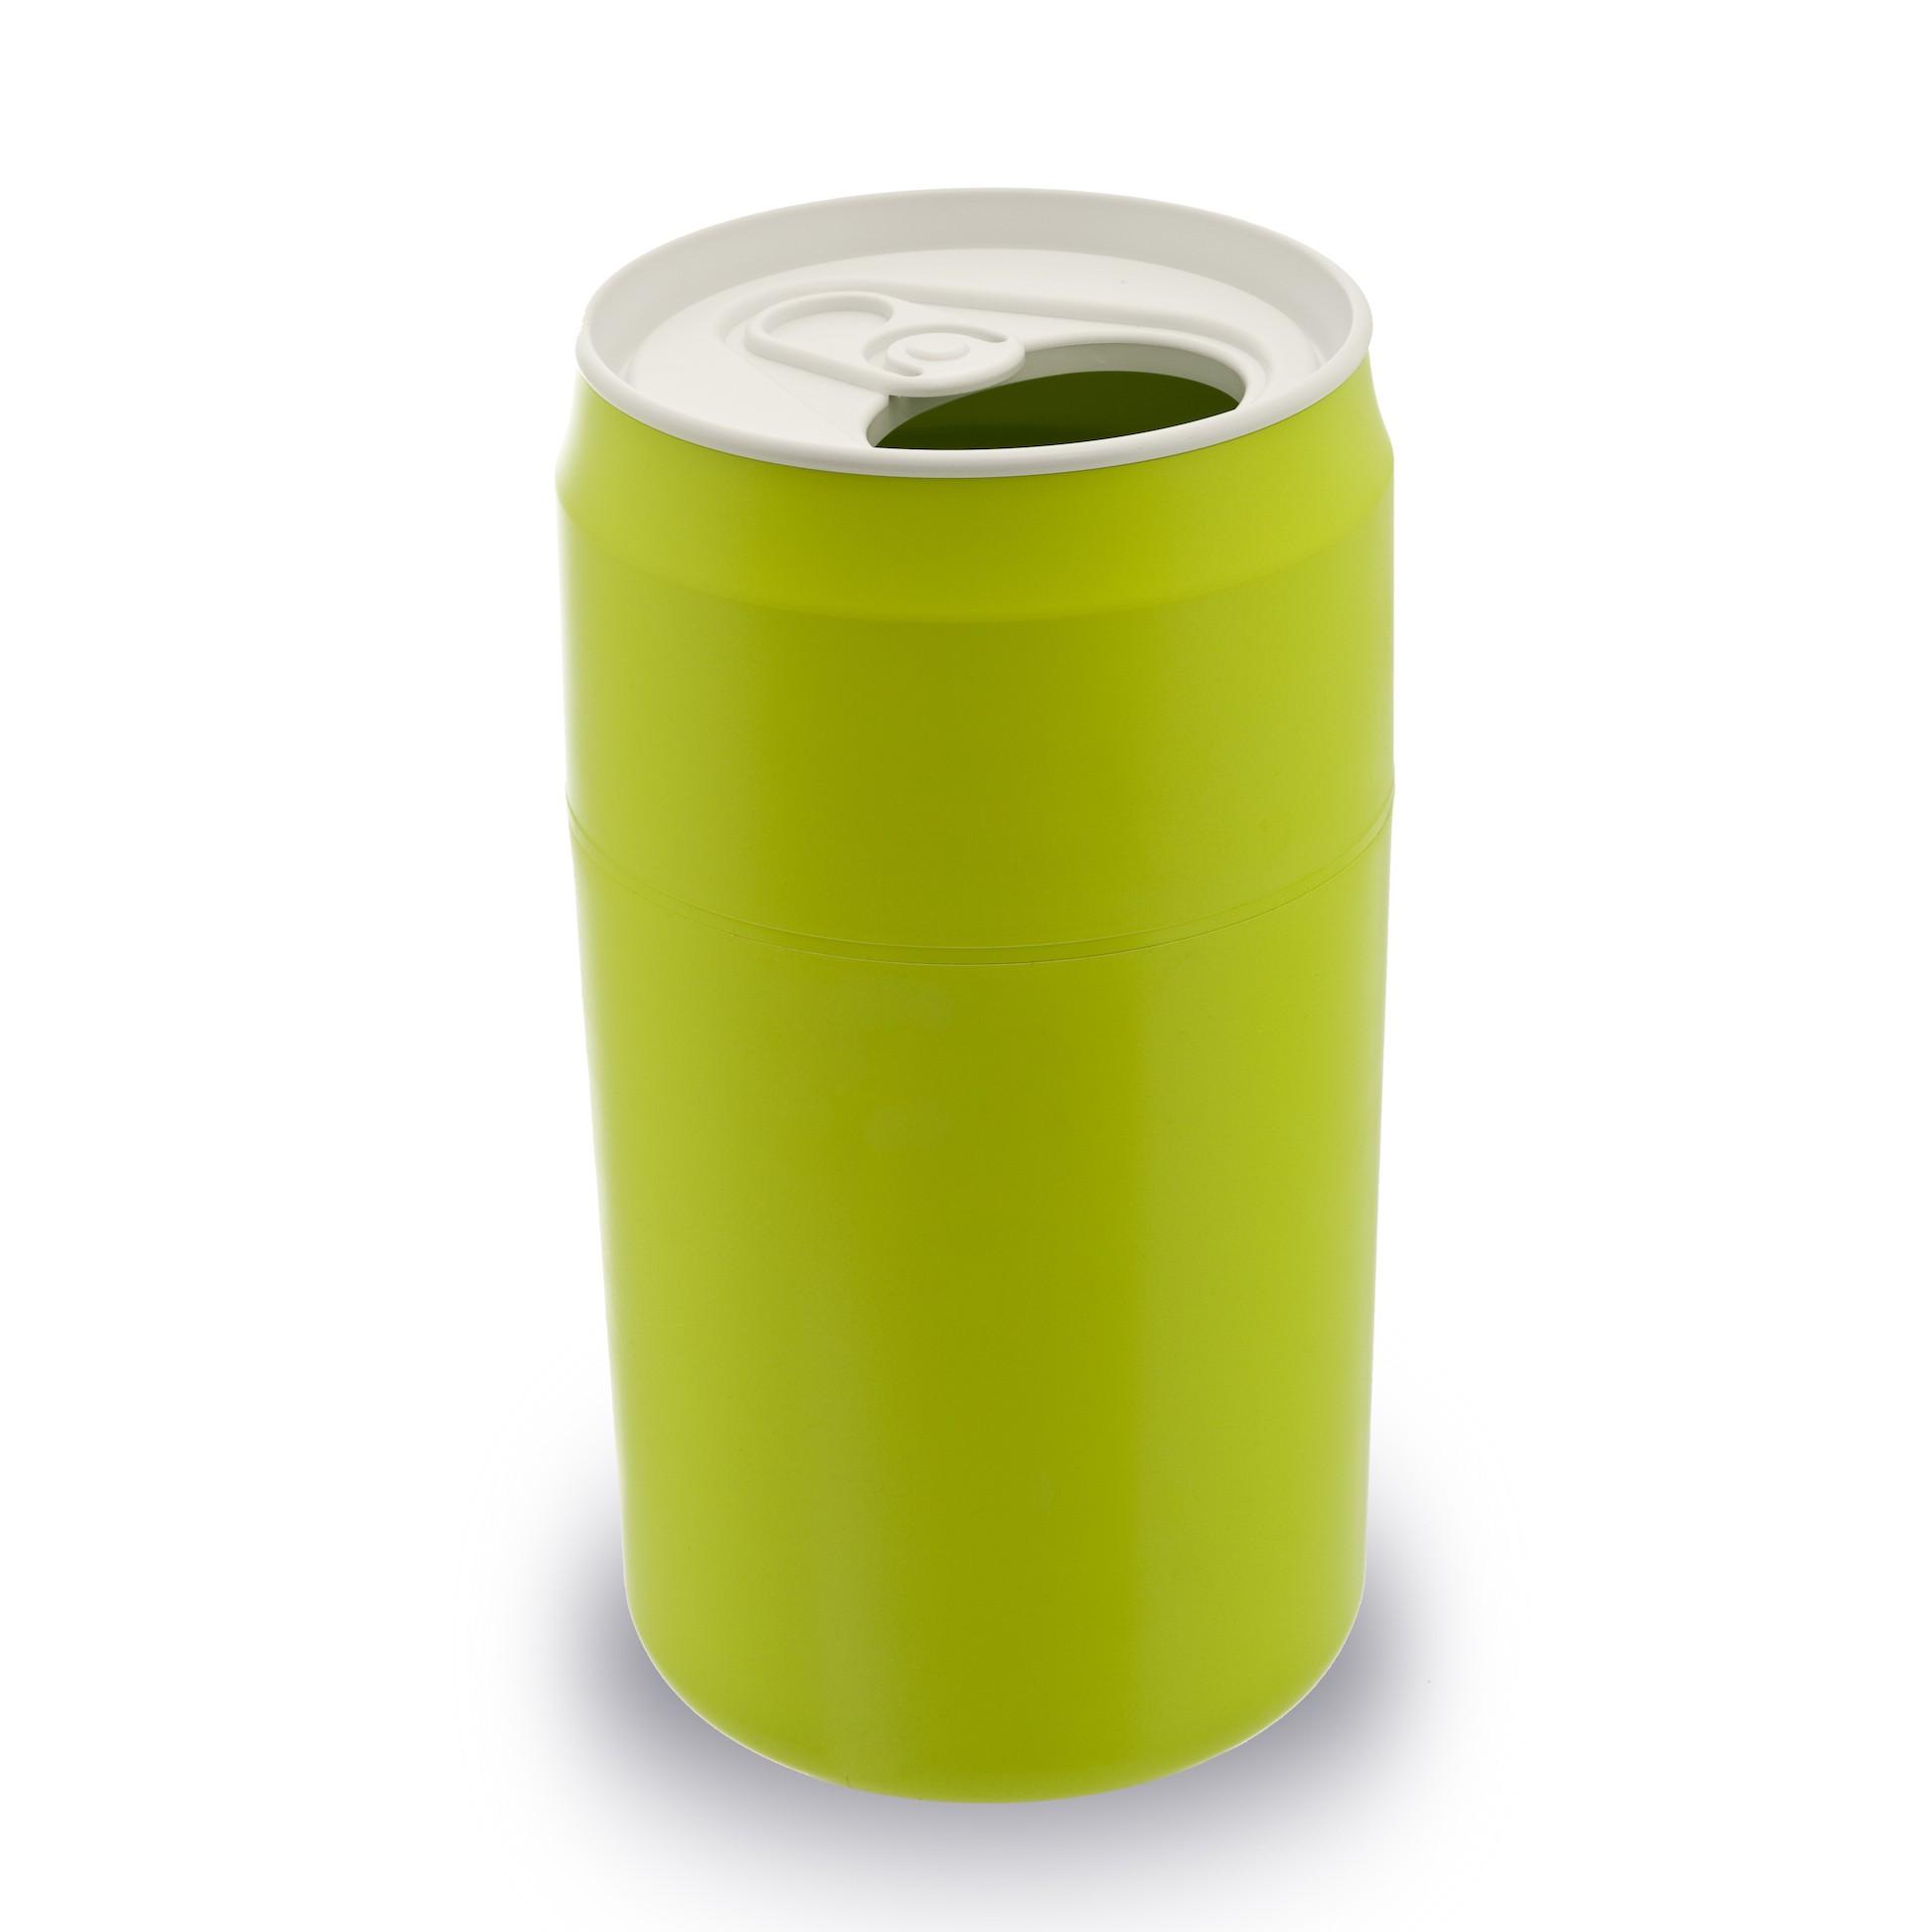 Kosz na śmieci puszka zielony 22L 10081-GN